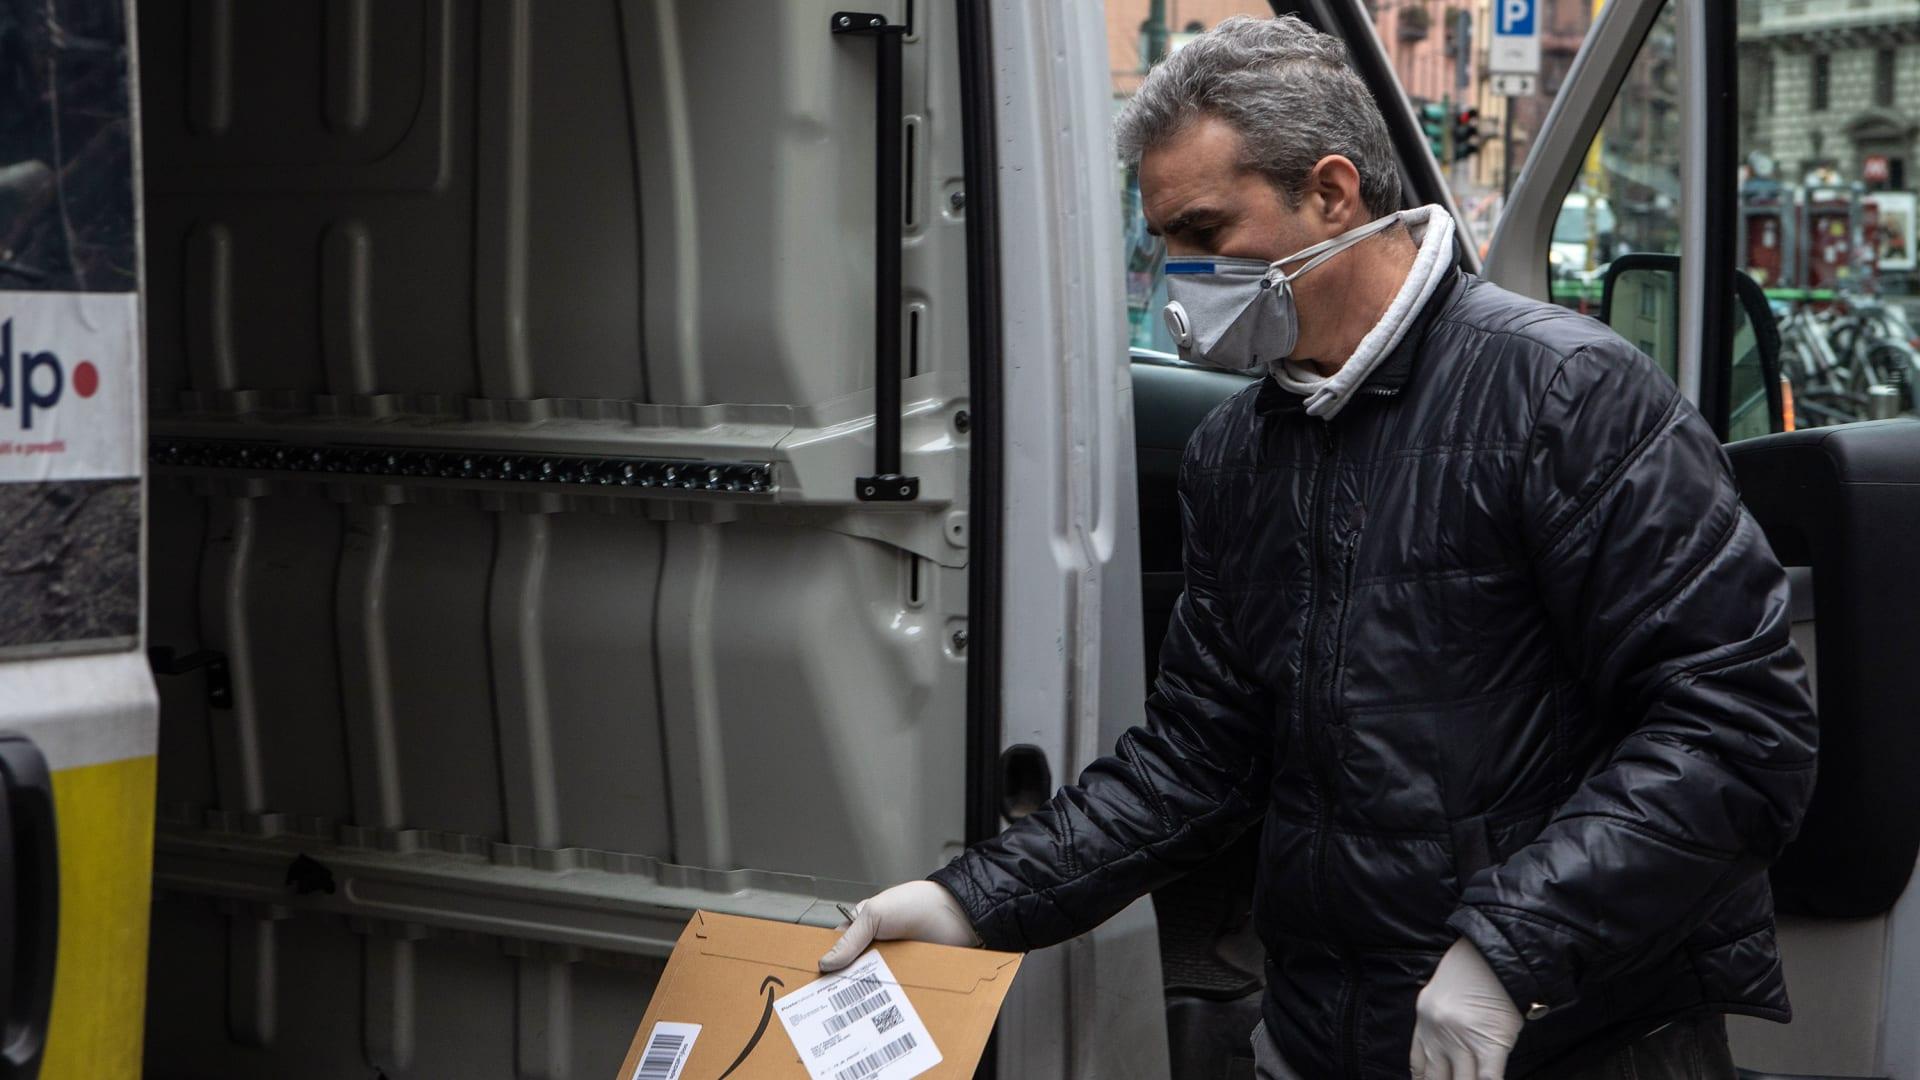 كيف أثر فيروس كورونا على سائقي سيارات الأجرة؟